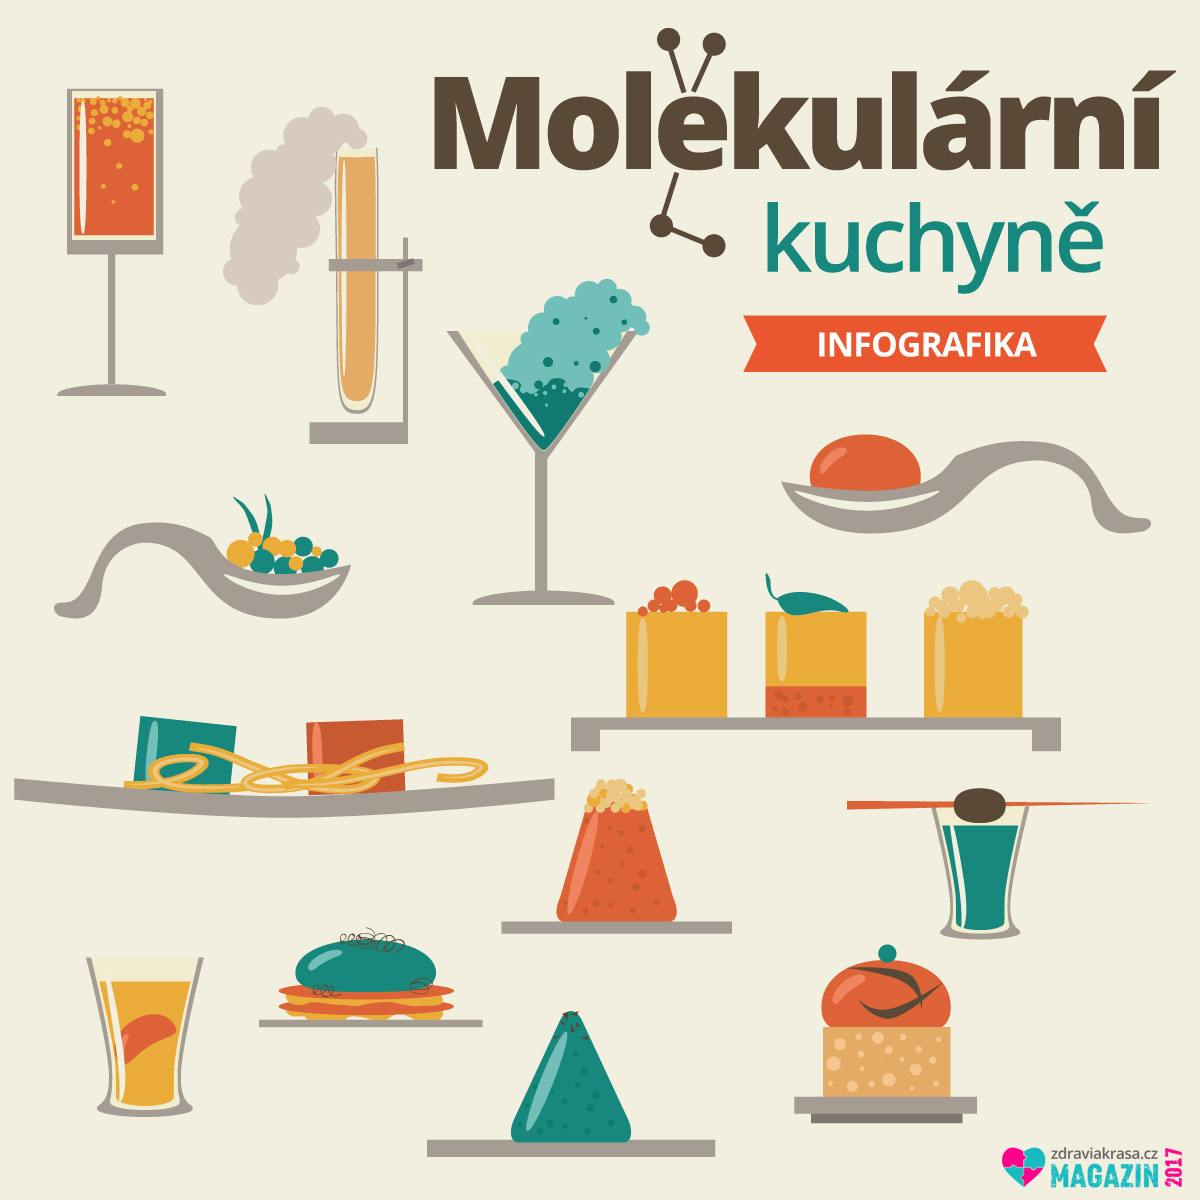 Taky jíte očima? Zkuste je vycvičit na zcela nové pochoutky a drinky. Tak, jak je servíruje molekulární kuchyně založena na znalostech vědy.